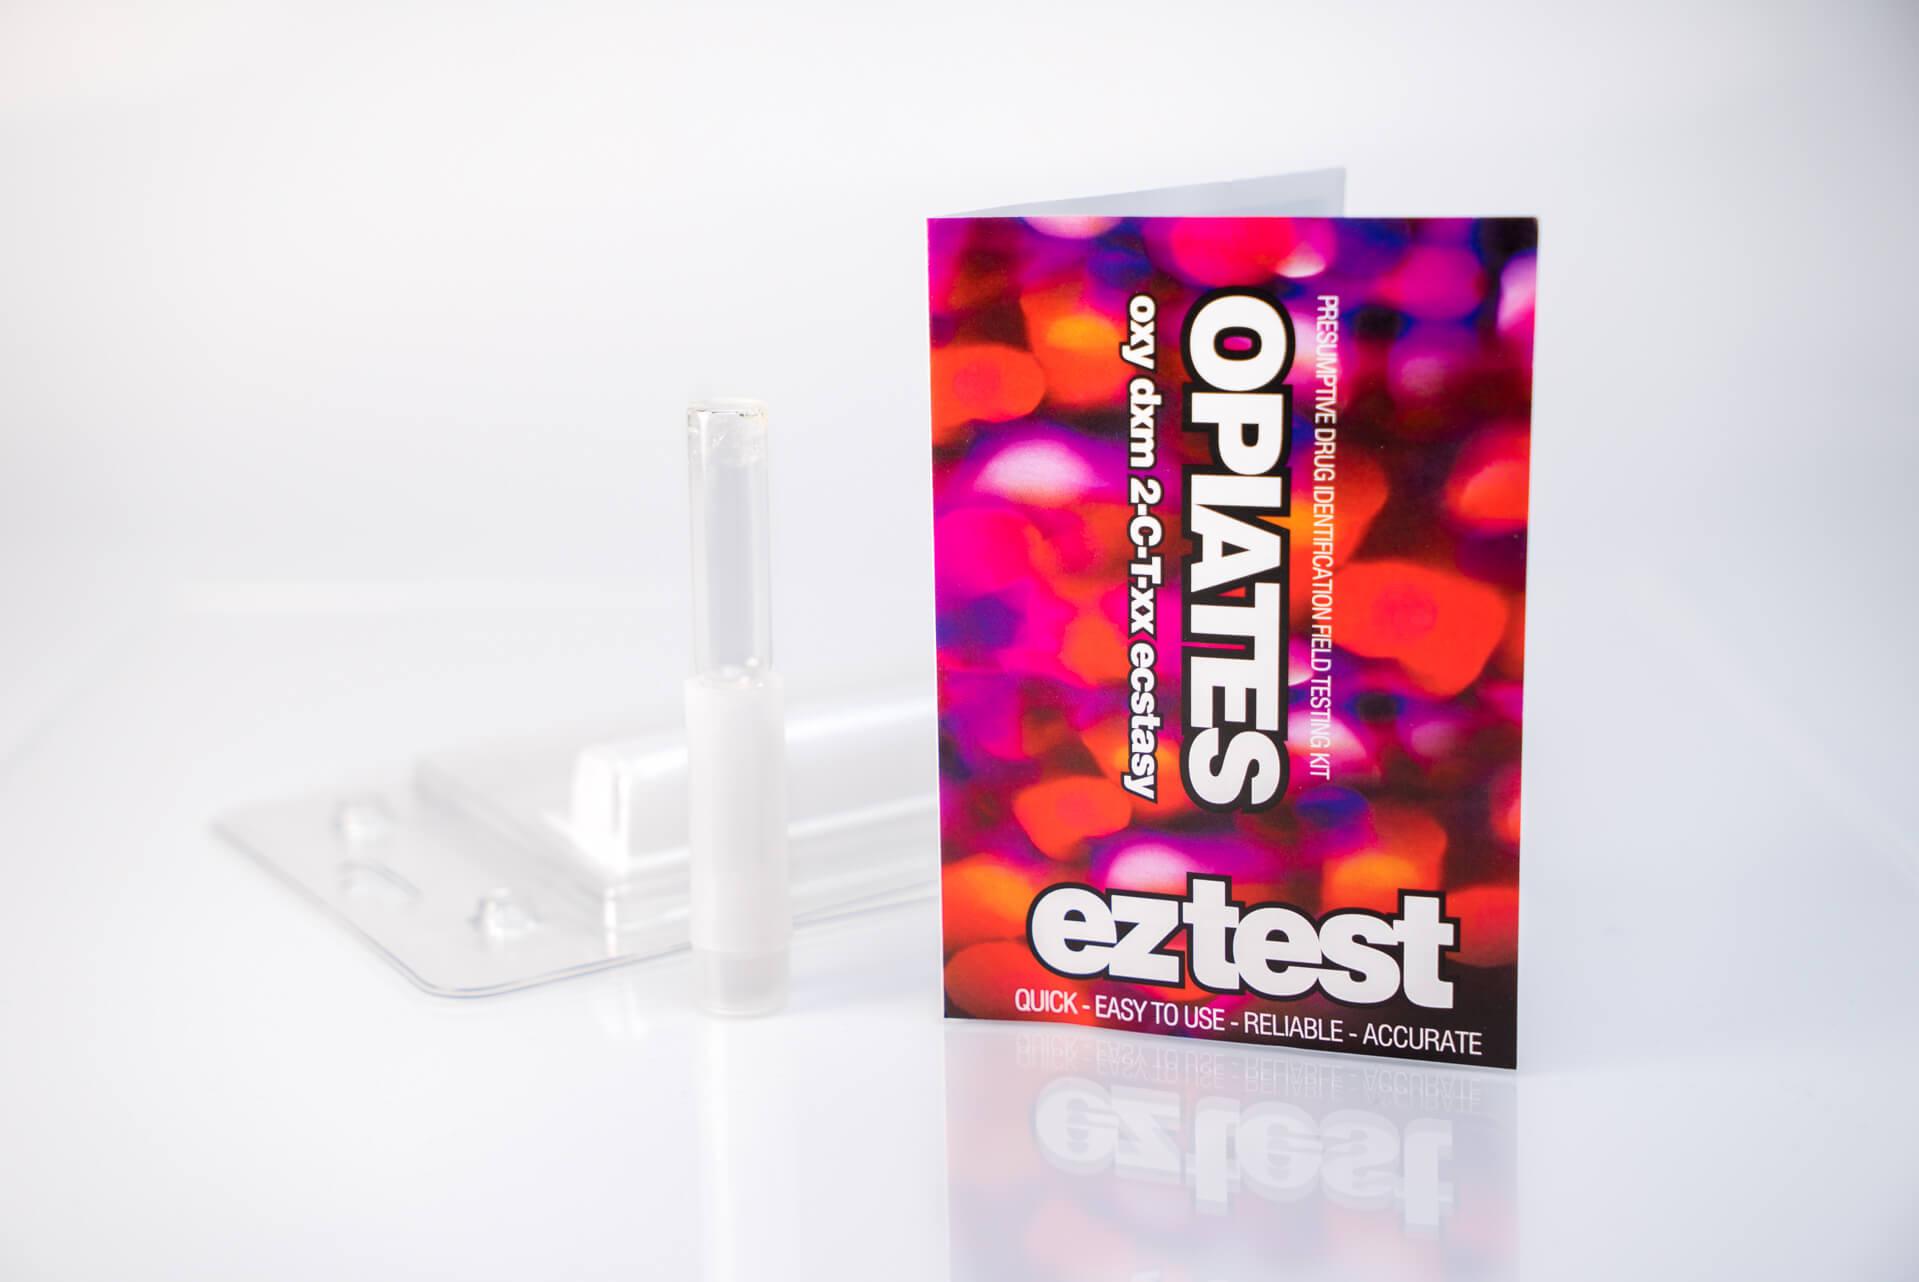 Kit de Test d'Opiacés à Usage Unique